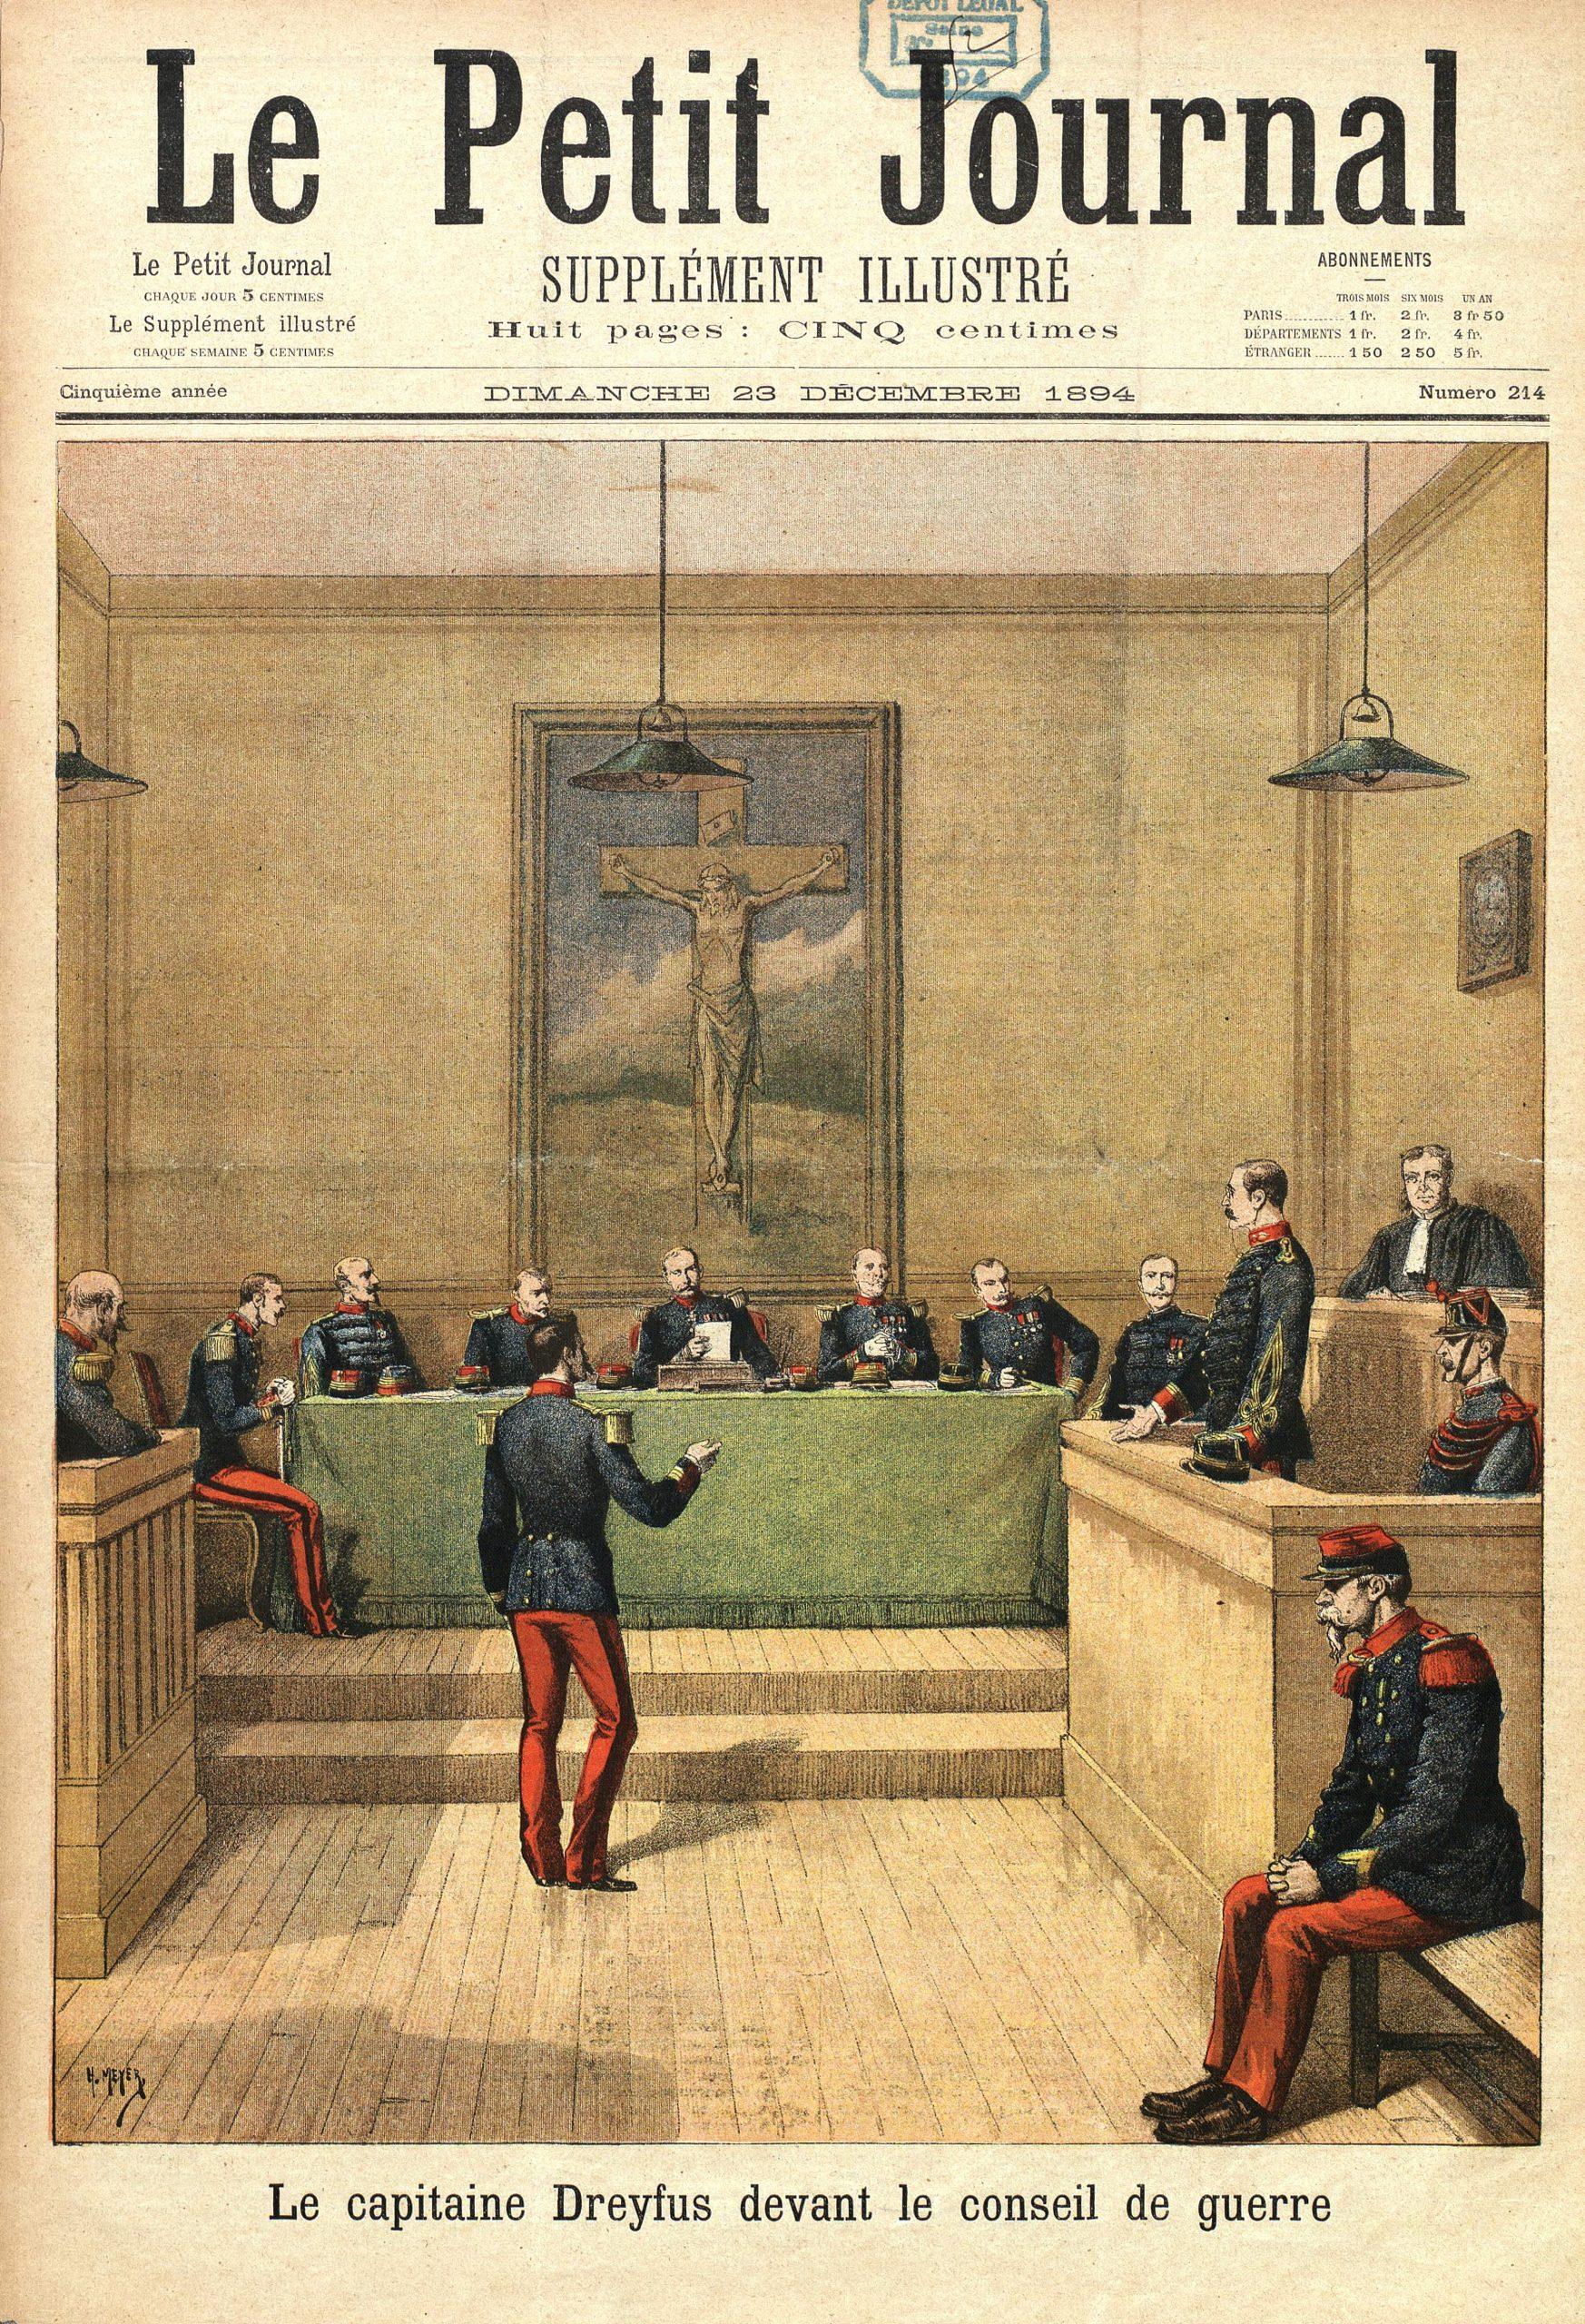 Dreyfus Davası dedans Numéro Des Départements